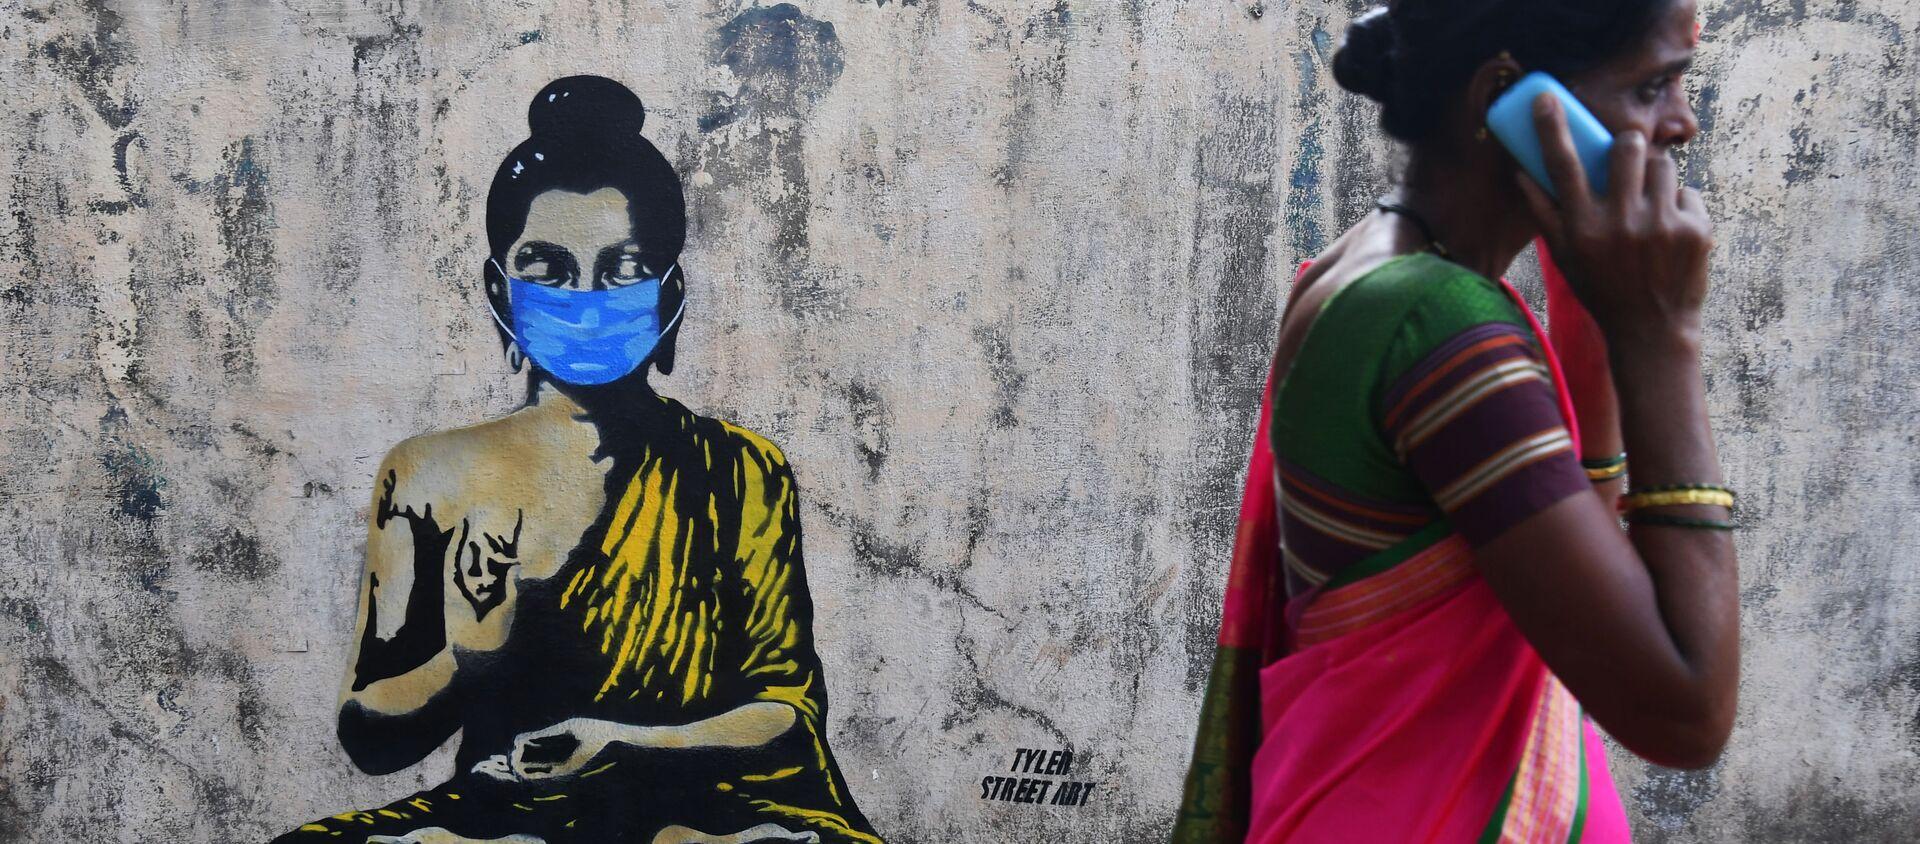 Будда в защитной маске на граффити в Мумбае - Sputnik Абхазия, 1920, 01.05.2020